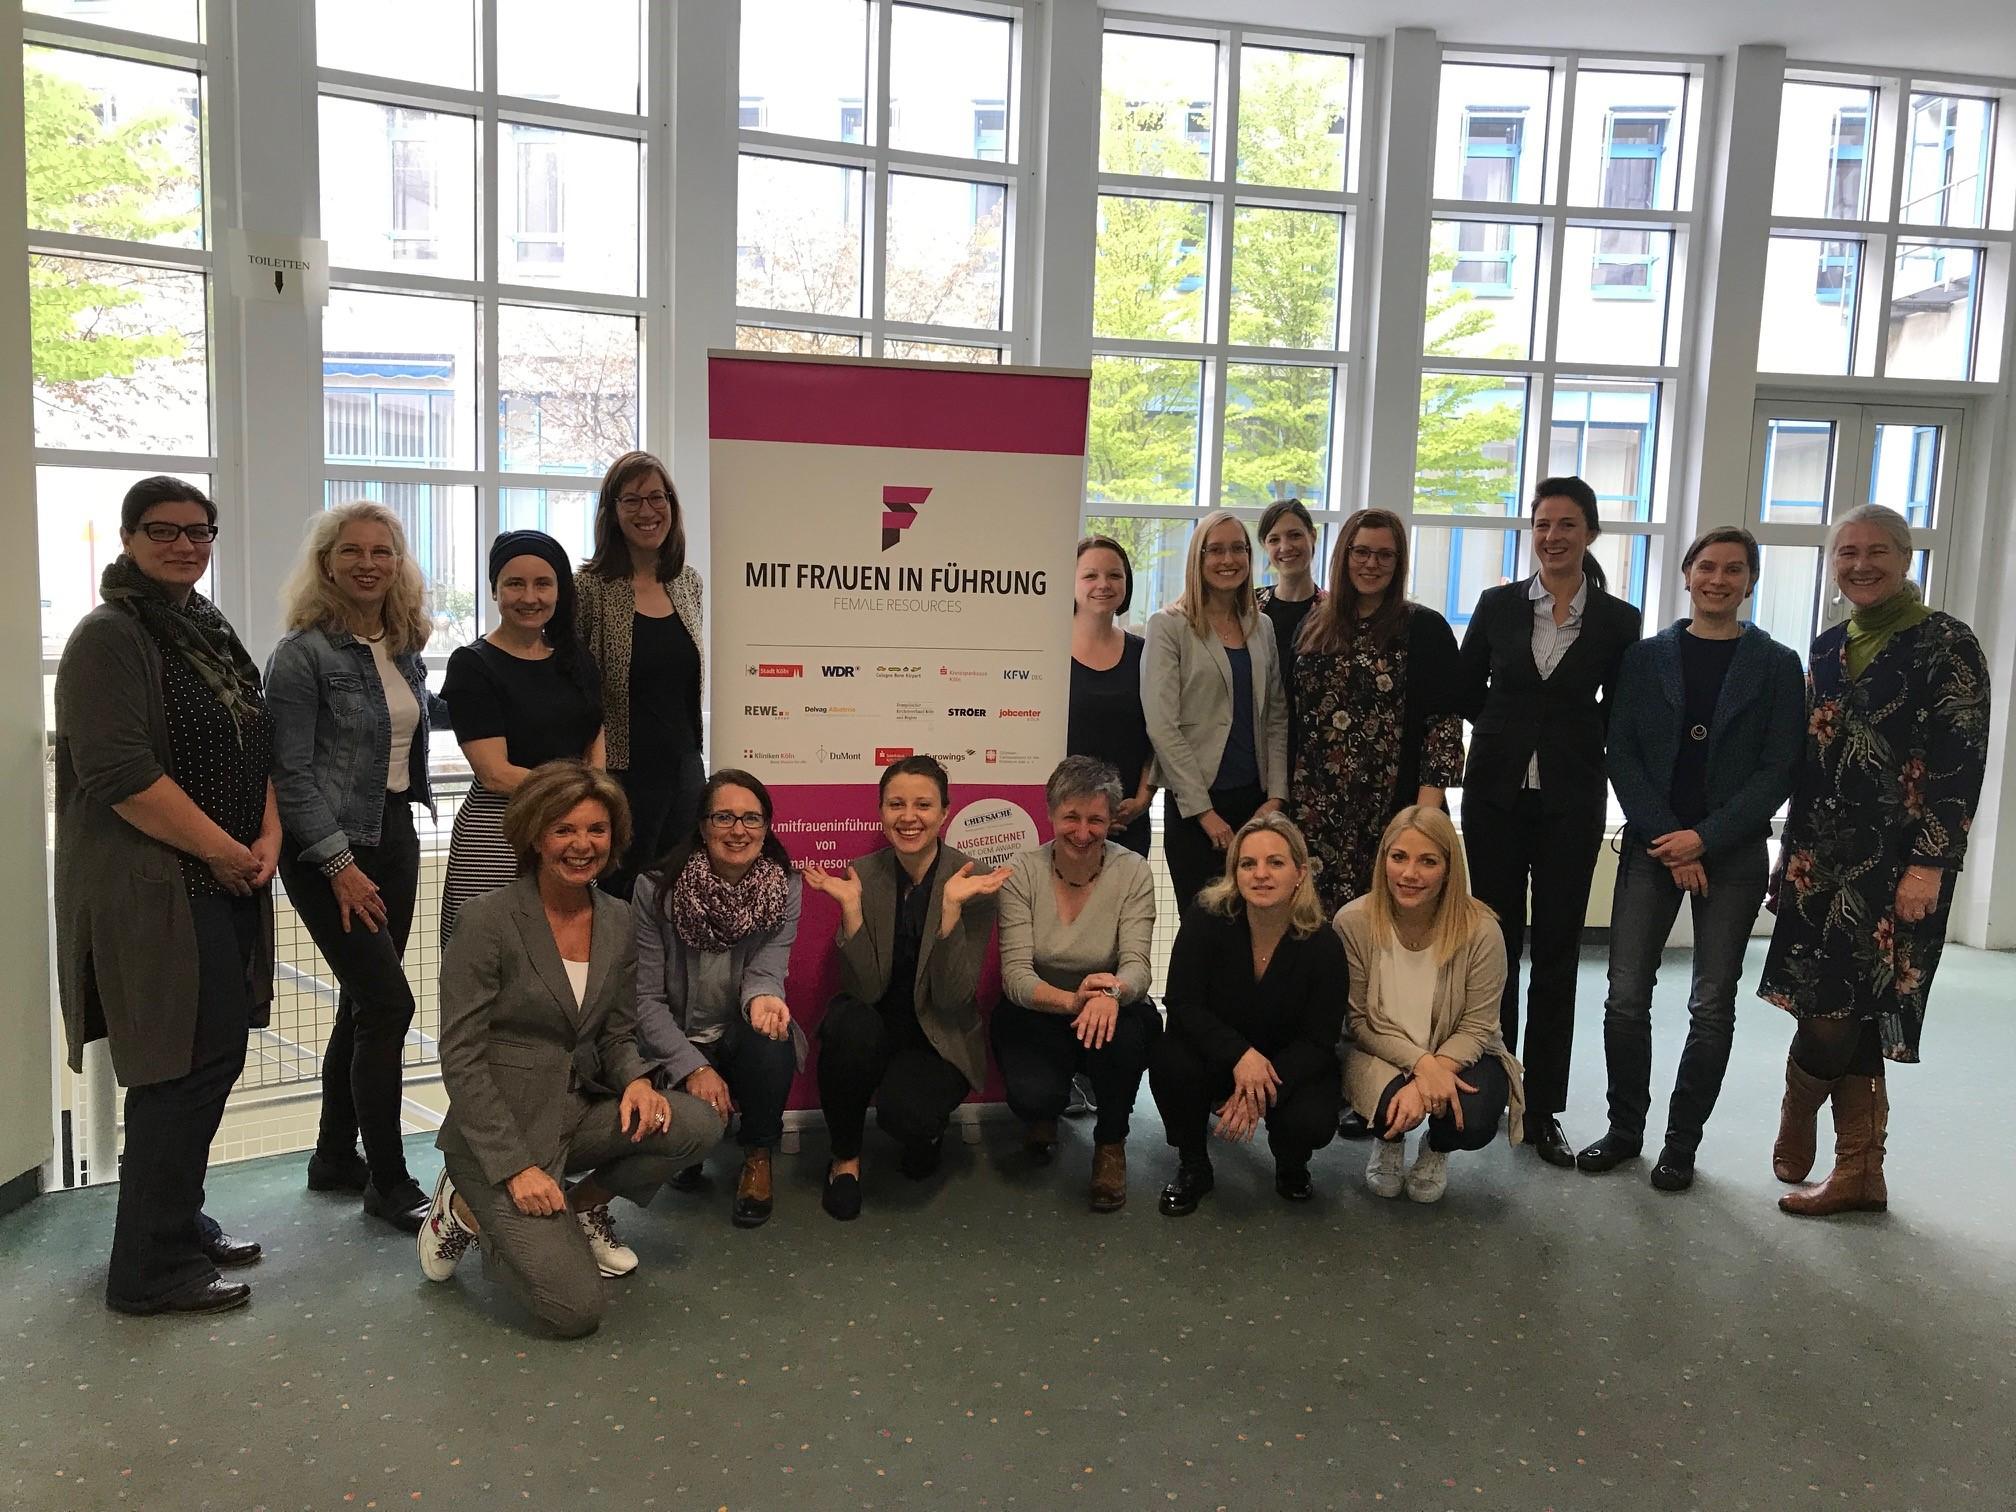 Teilnehmerinnen des 3. Cross Mentoring trafen sich zum Workshop